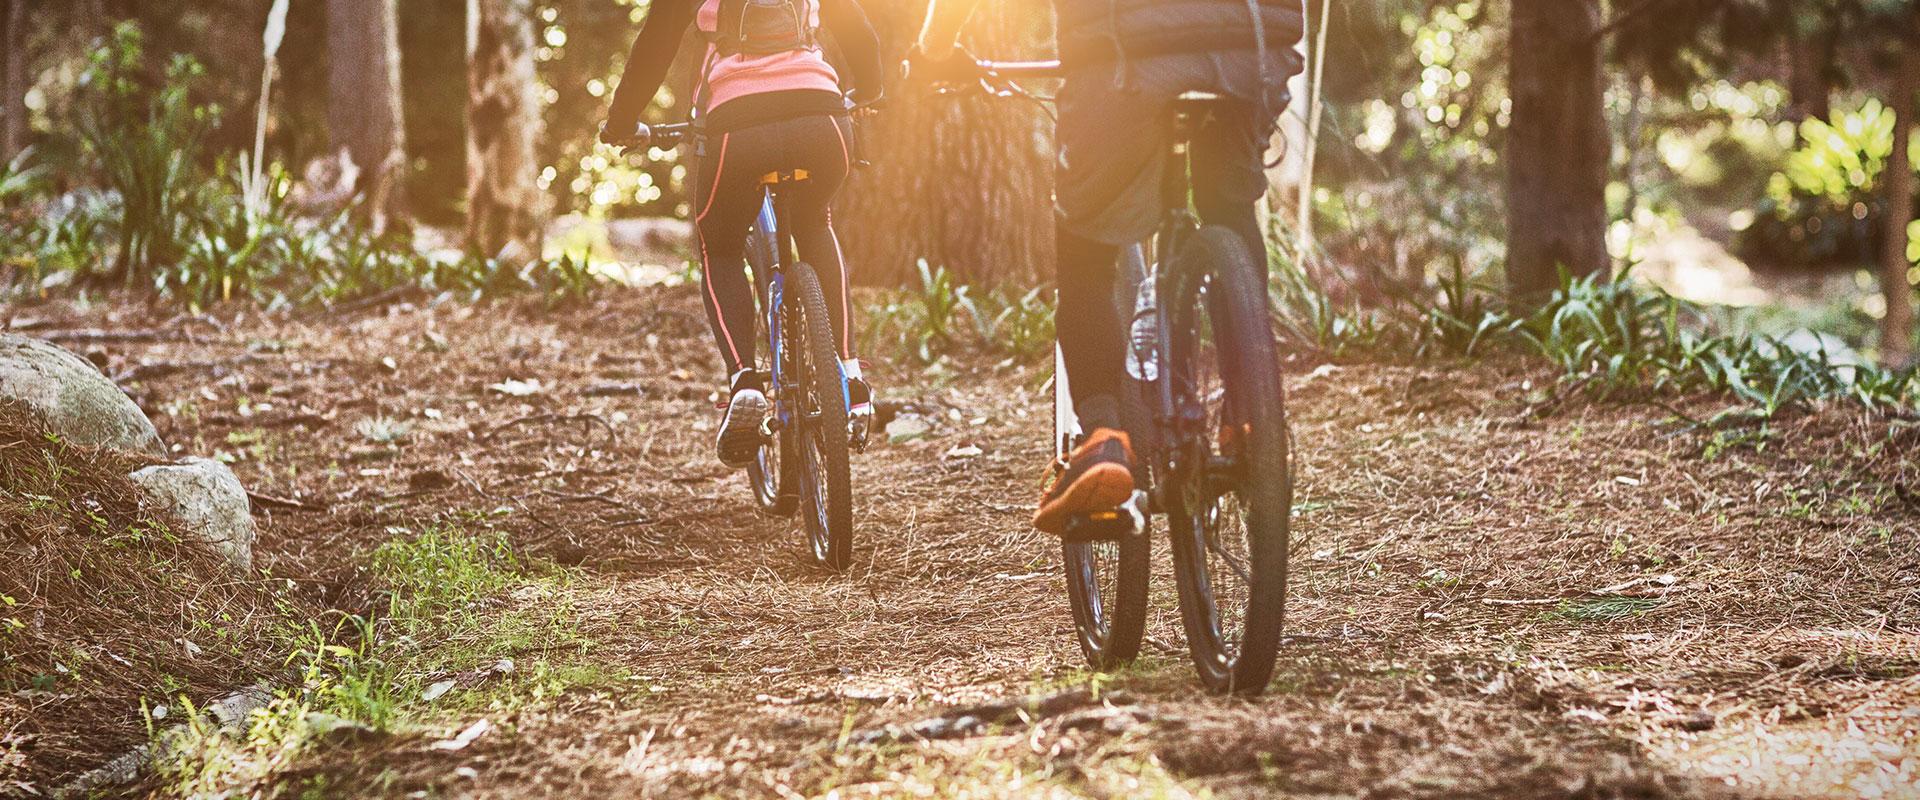 cyclinghub-immagine-noleggio1